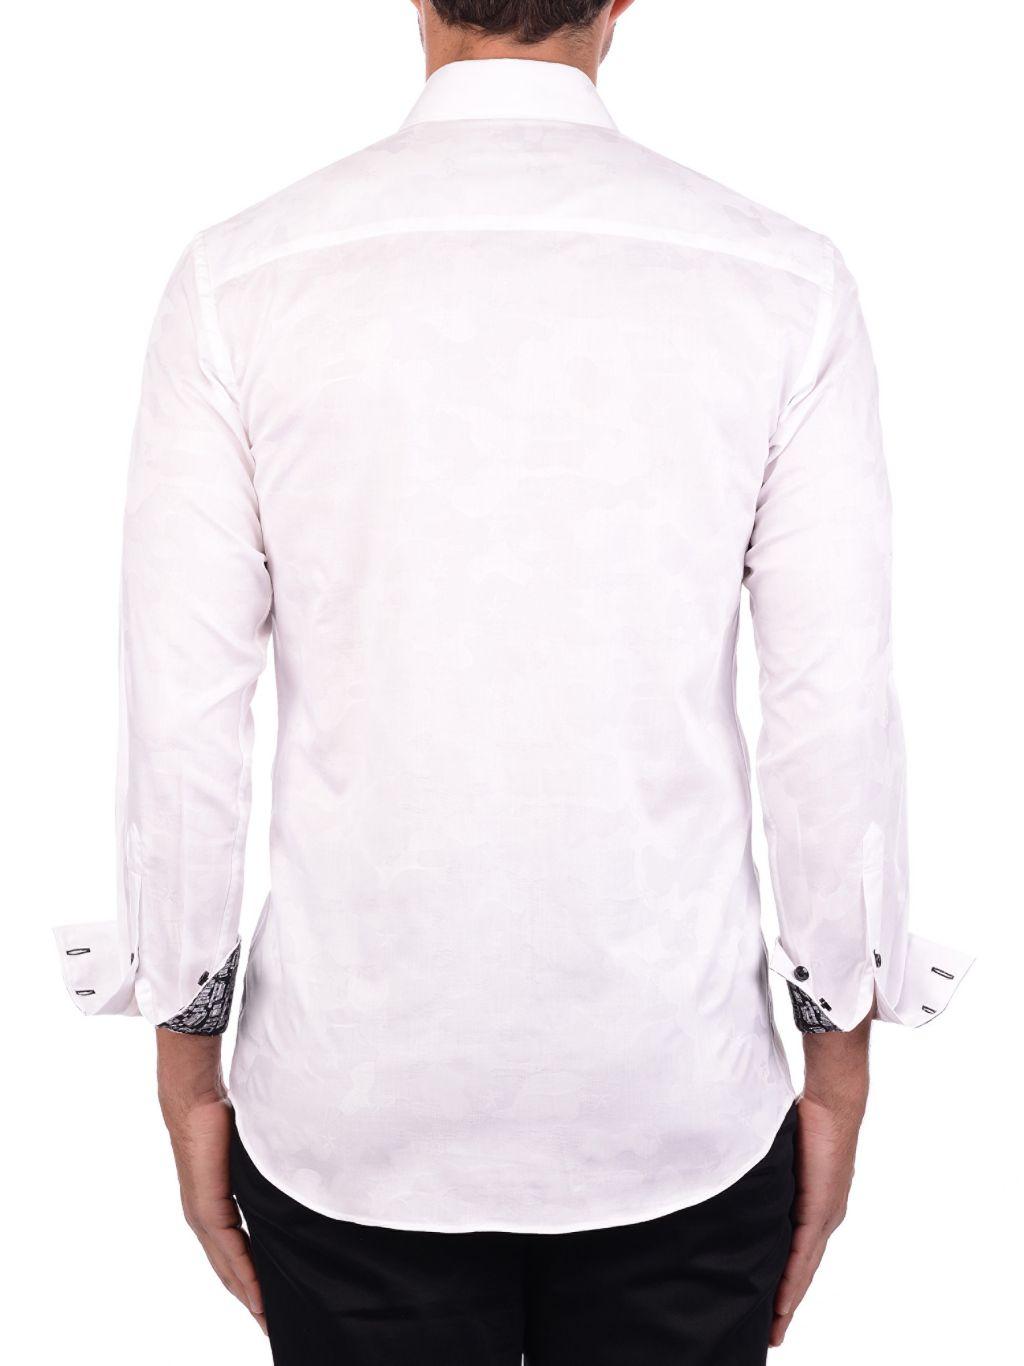 Bertigo Graphic-Cuff Shirt